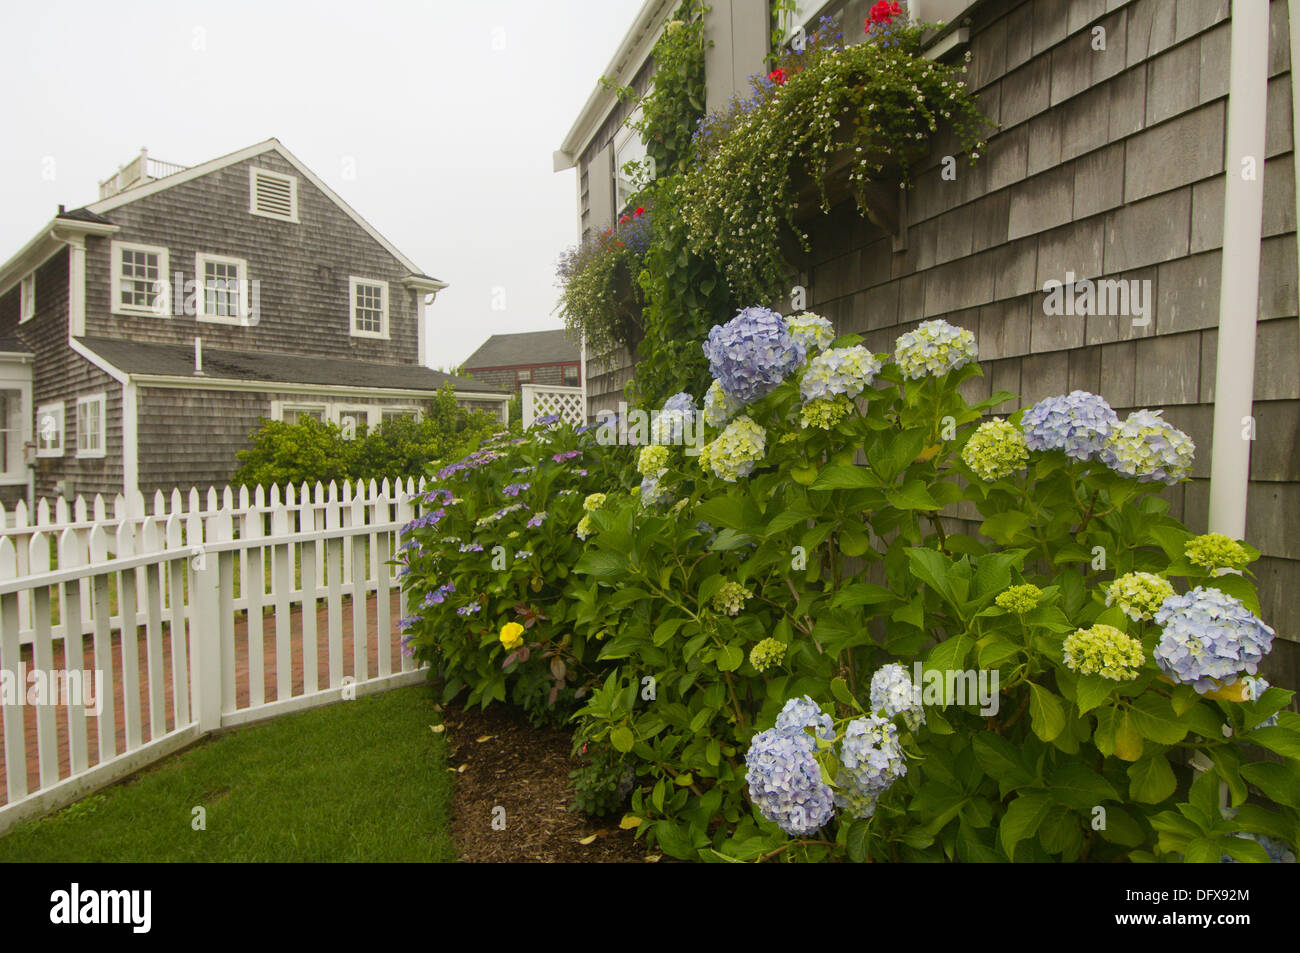 Flower Gardens, Nantucket Town, Nantucket Island, Massachusetts, USA